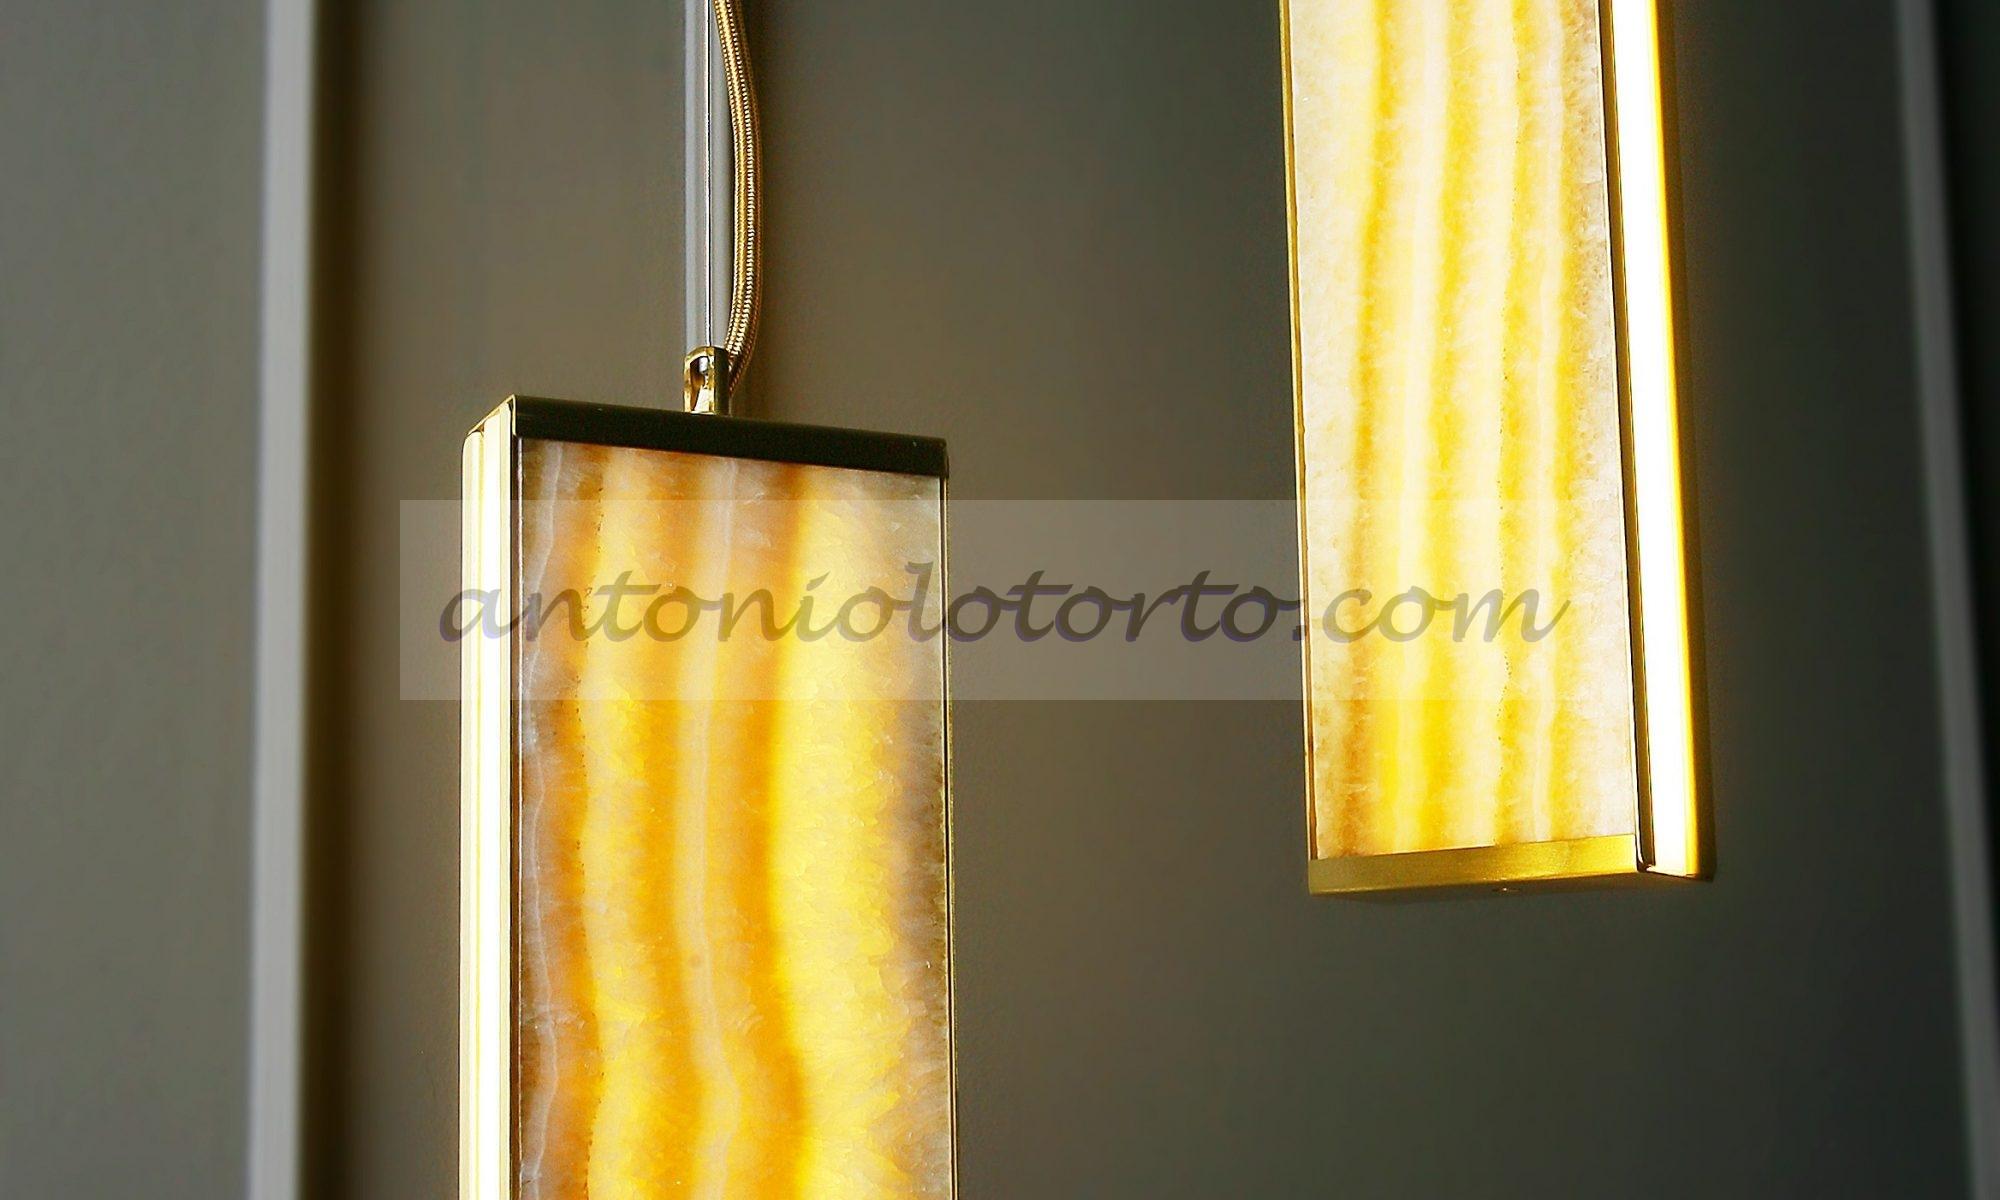 foto-pubblicità-antoniolotorto.com-matlight-milano-11